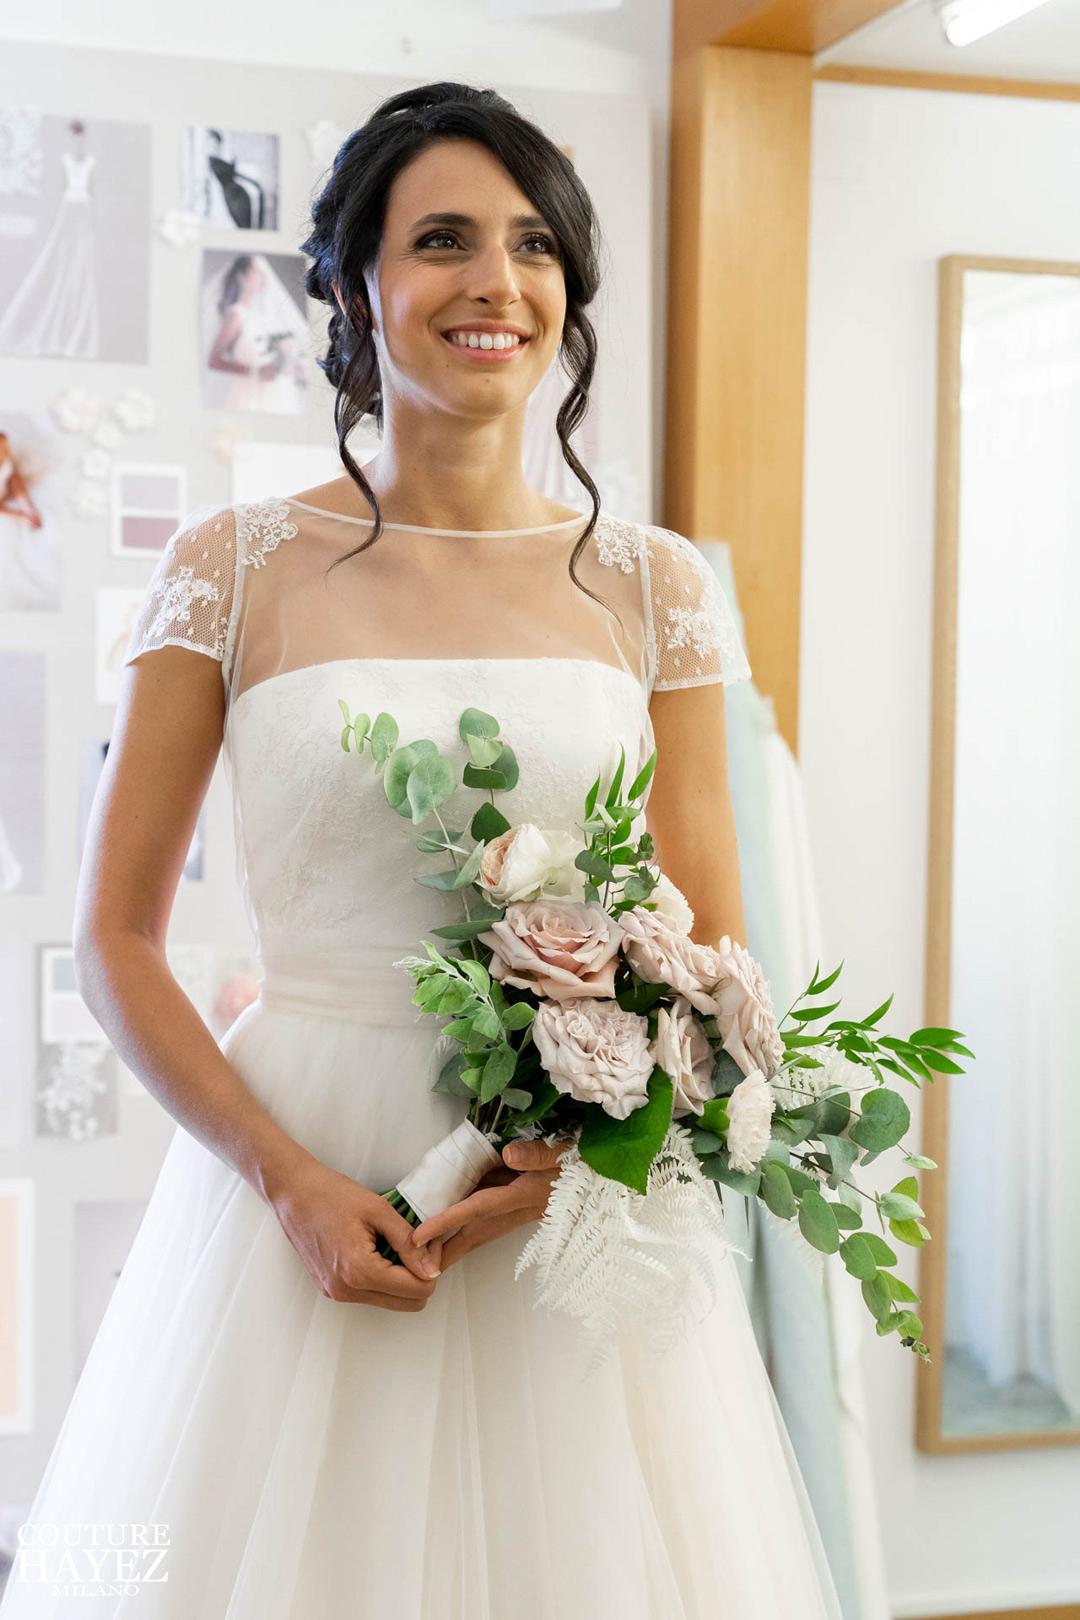 bouquet da sposa naturale con rose e eucalipto in mano alla sposa, bouquet rose westmister abby , bouqet sposa per abito cipria